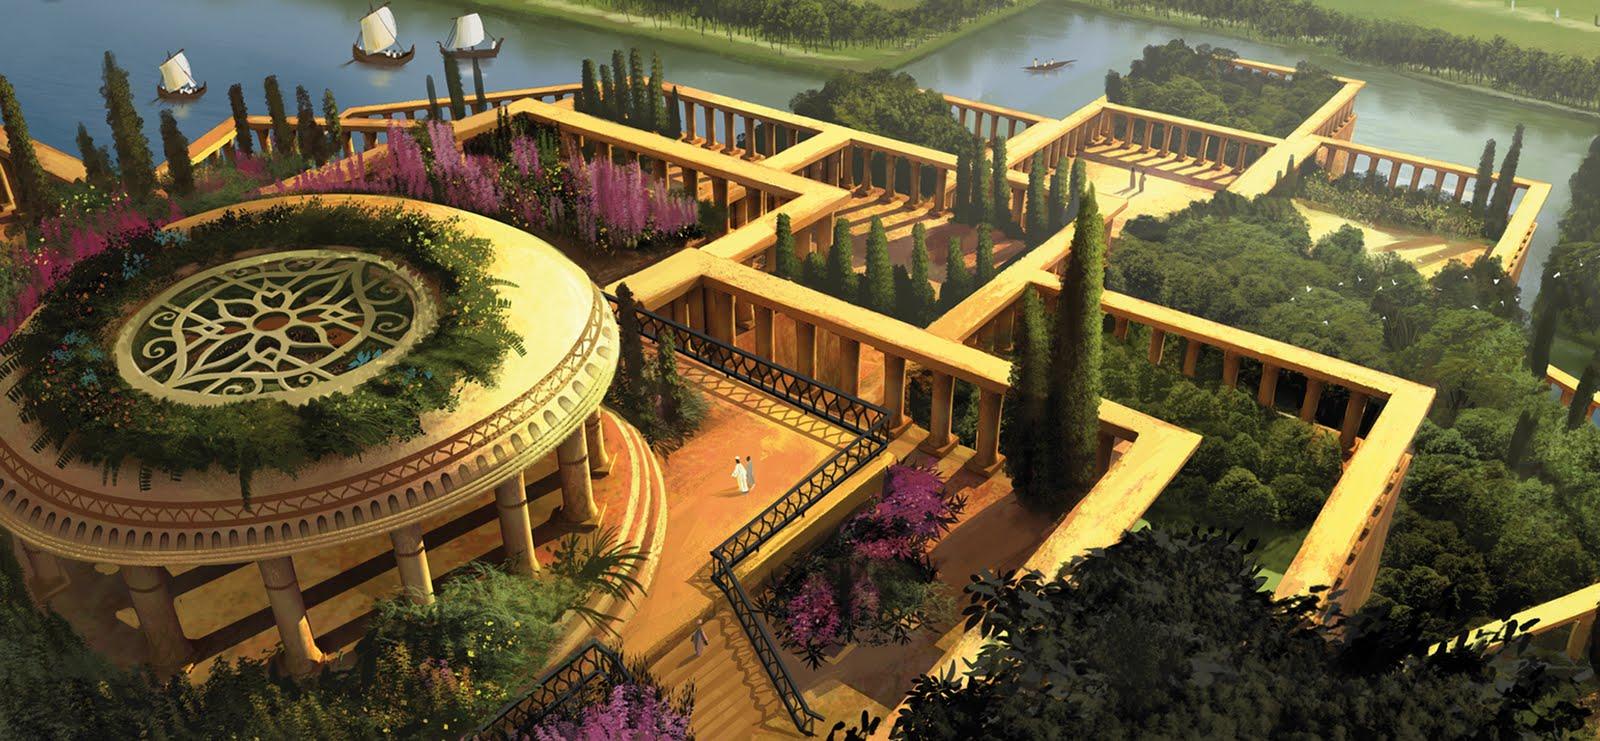 Divulgaci n cient fica las siete maravillas de la antig edad for Histoire des jardins wikipedia